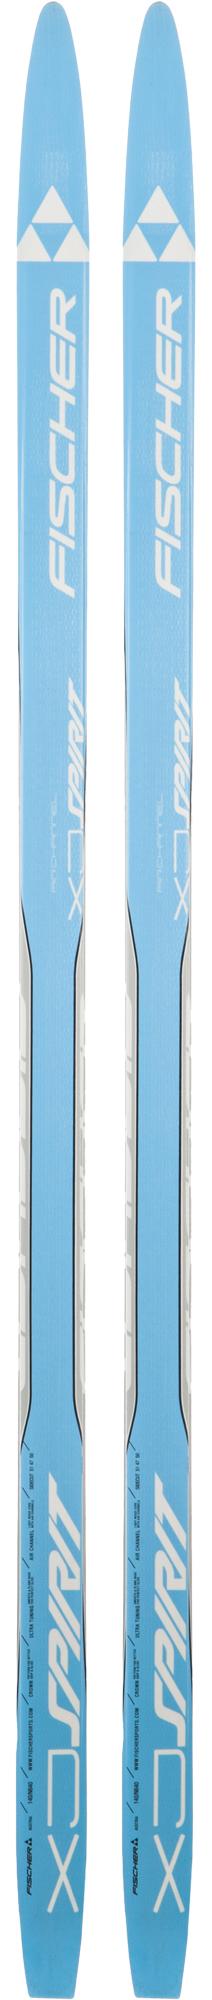 Fischer Лыжи беговые юниорские Fischer Spirit Crown, размер 170 fischer spirit crown my style